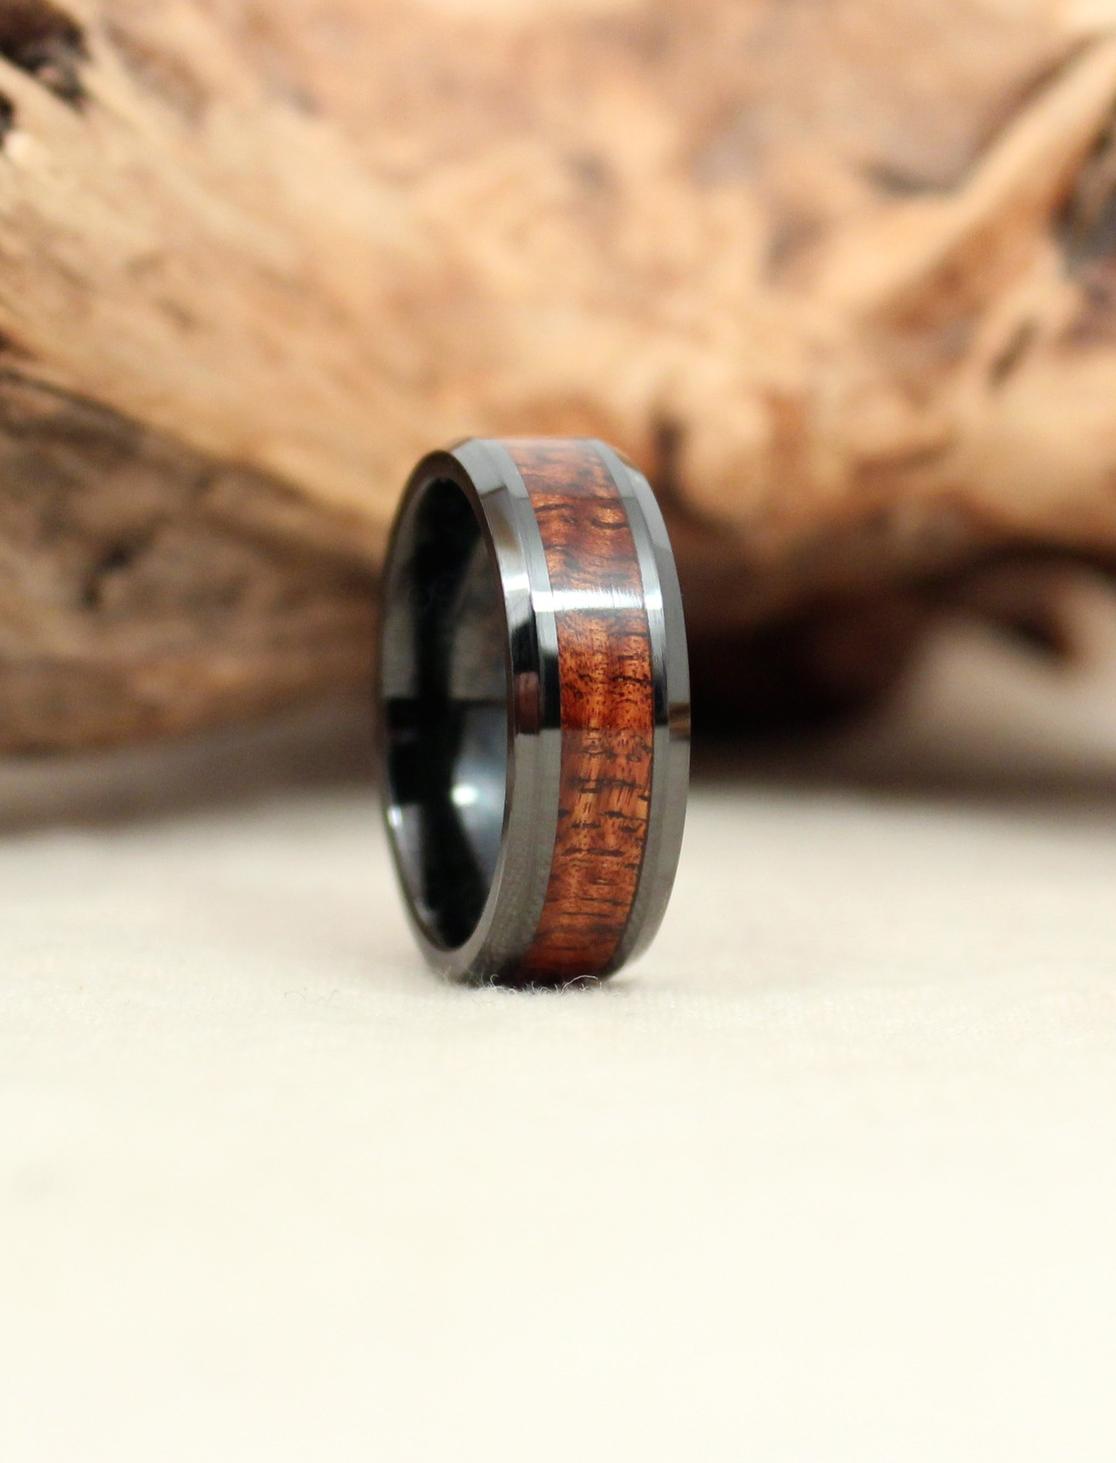 Exhibition Grade Hawaiian Koa and Black Ceramic Wooden Ring